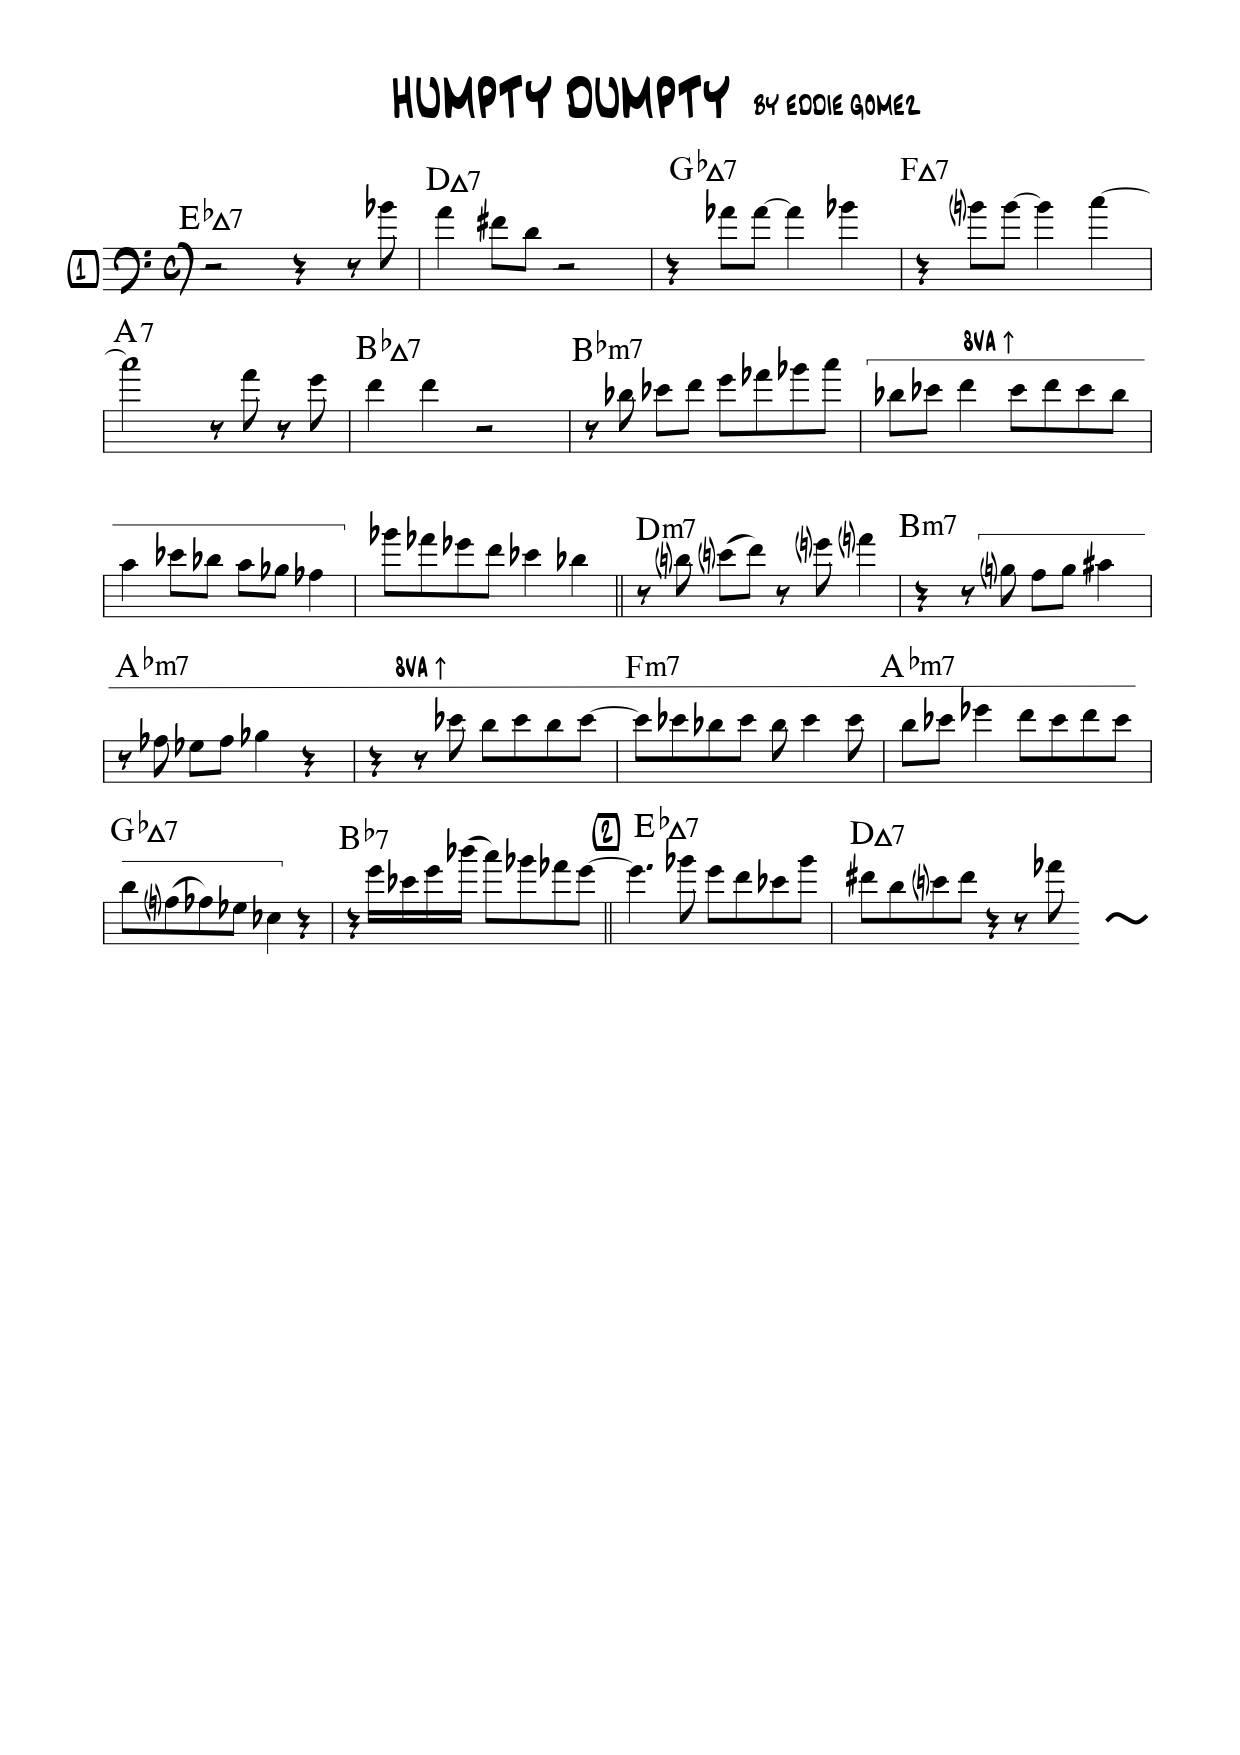 【オンラインサロン】こんな曲をコピーしました!「Humpty Dumpty」エディ・ゴメス